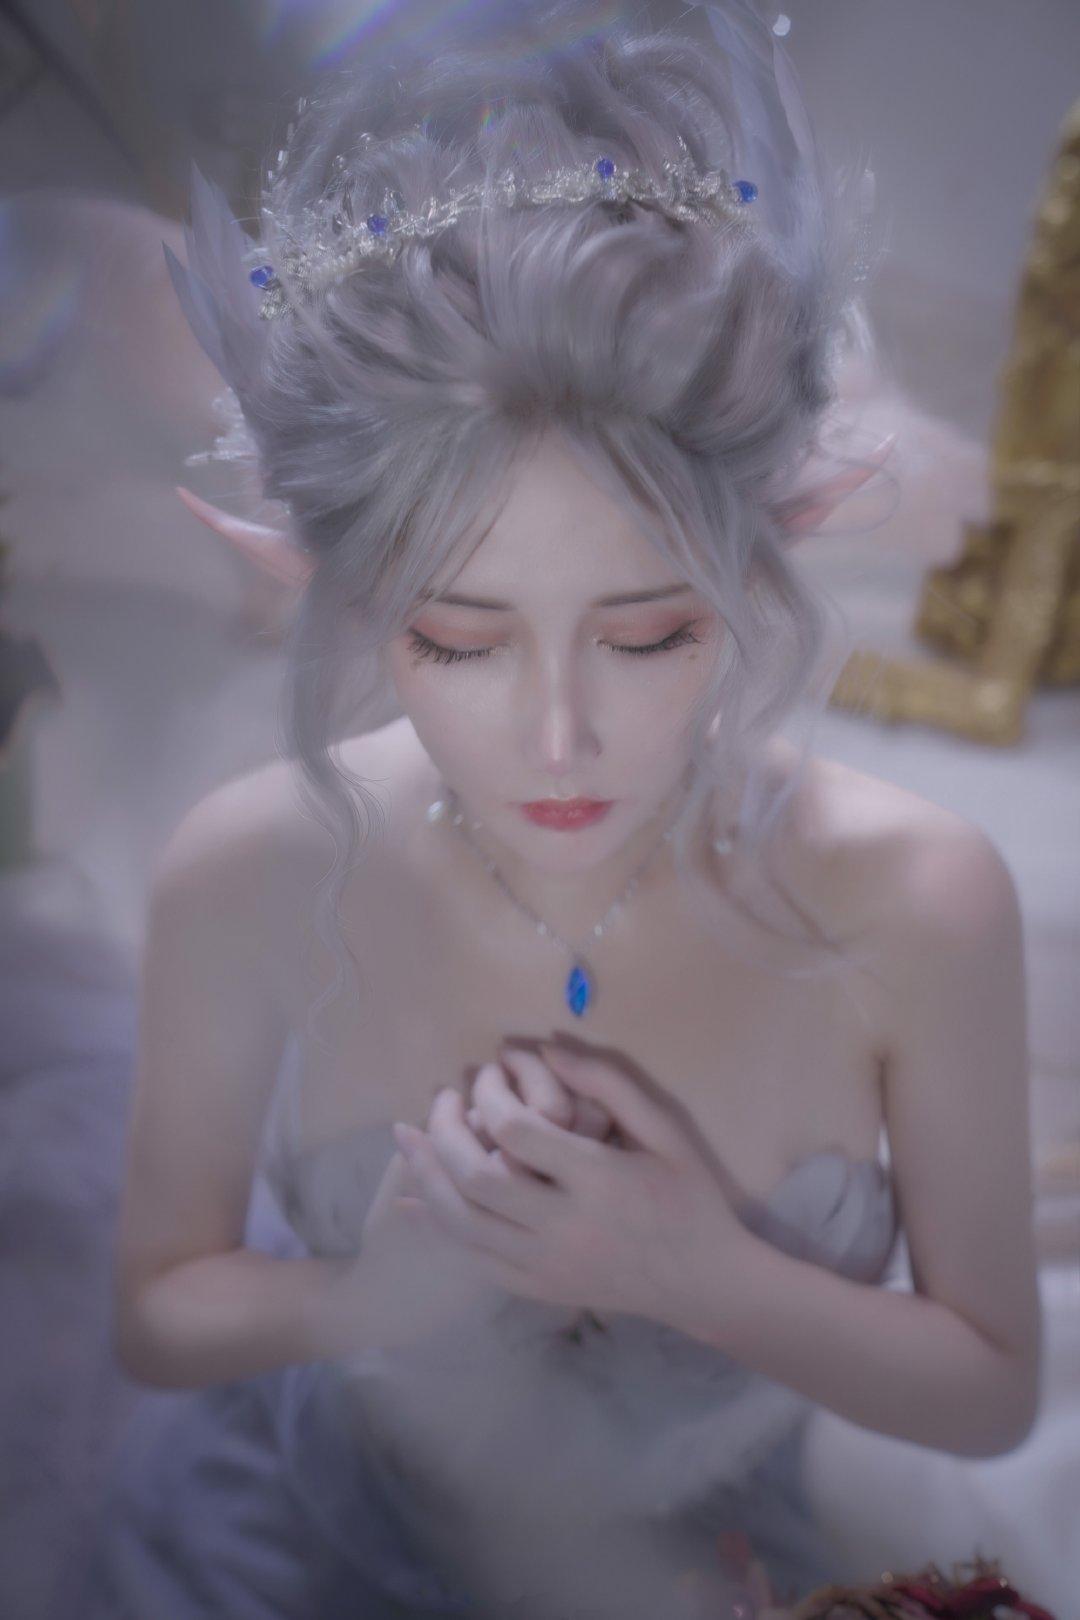 5eea43f252bd0 - 《鬼刀》海琴烟(冰公主) COS:在下萝莉控ii